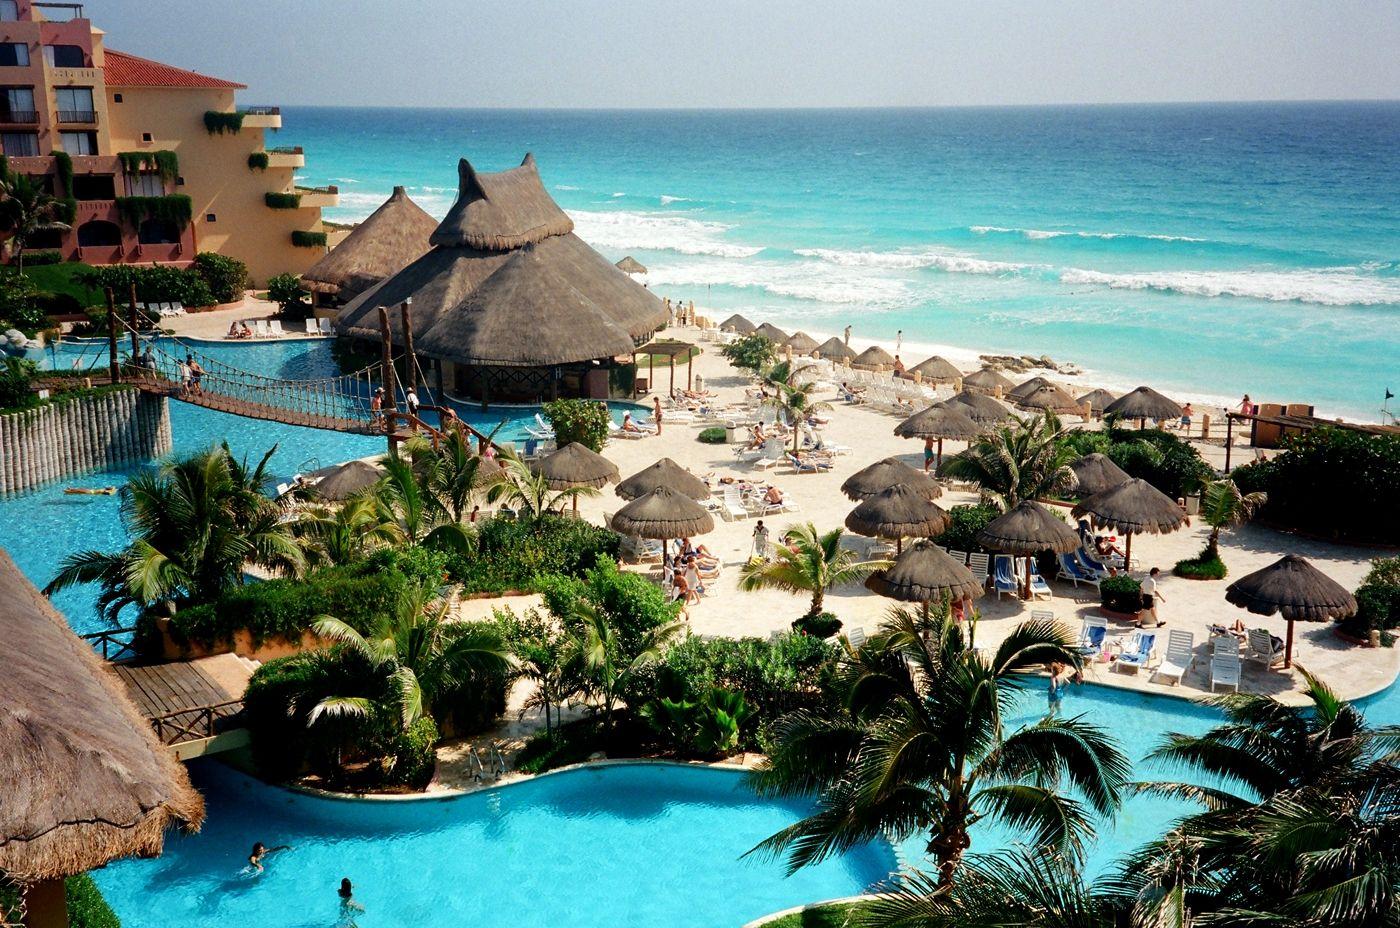 Cancun Mexico Spring Break Destination